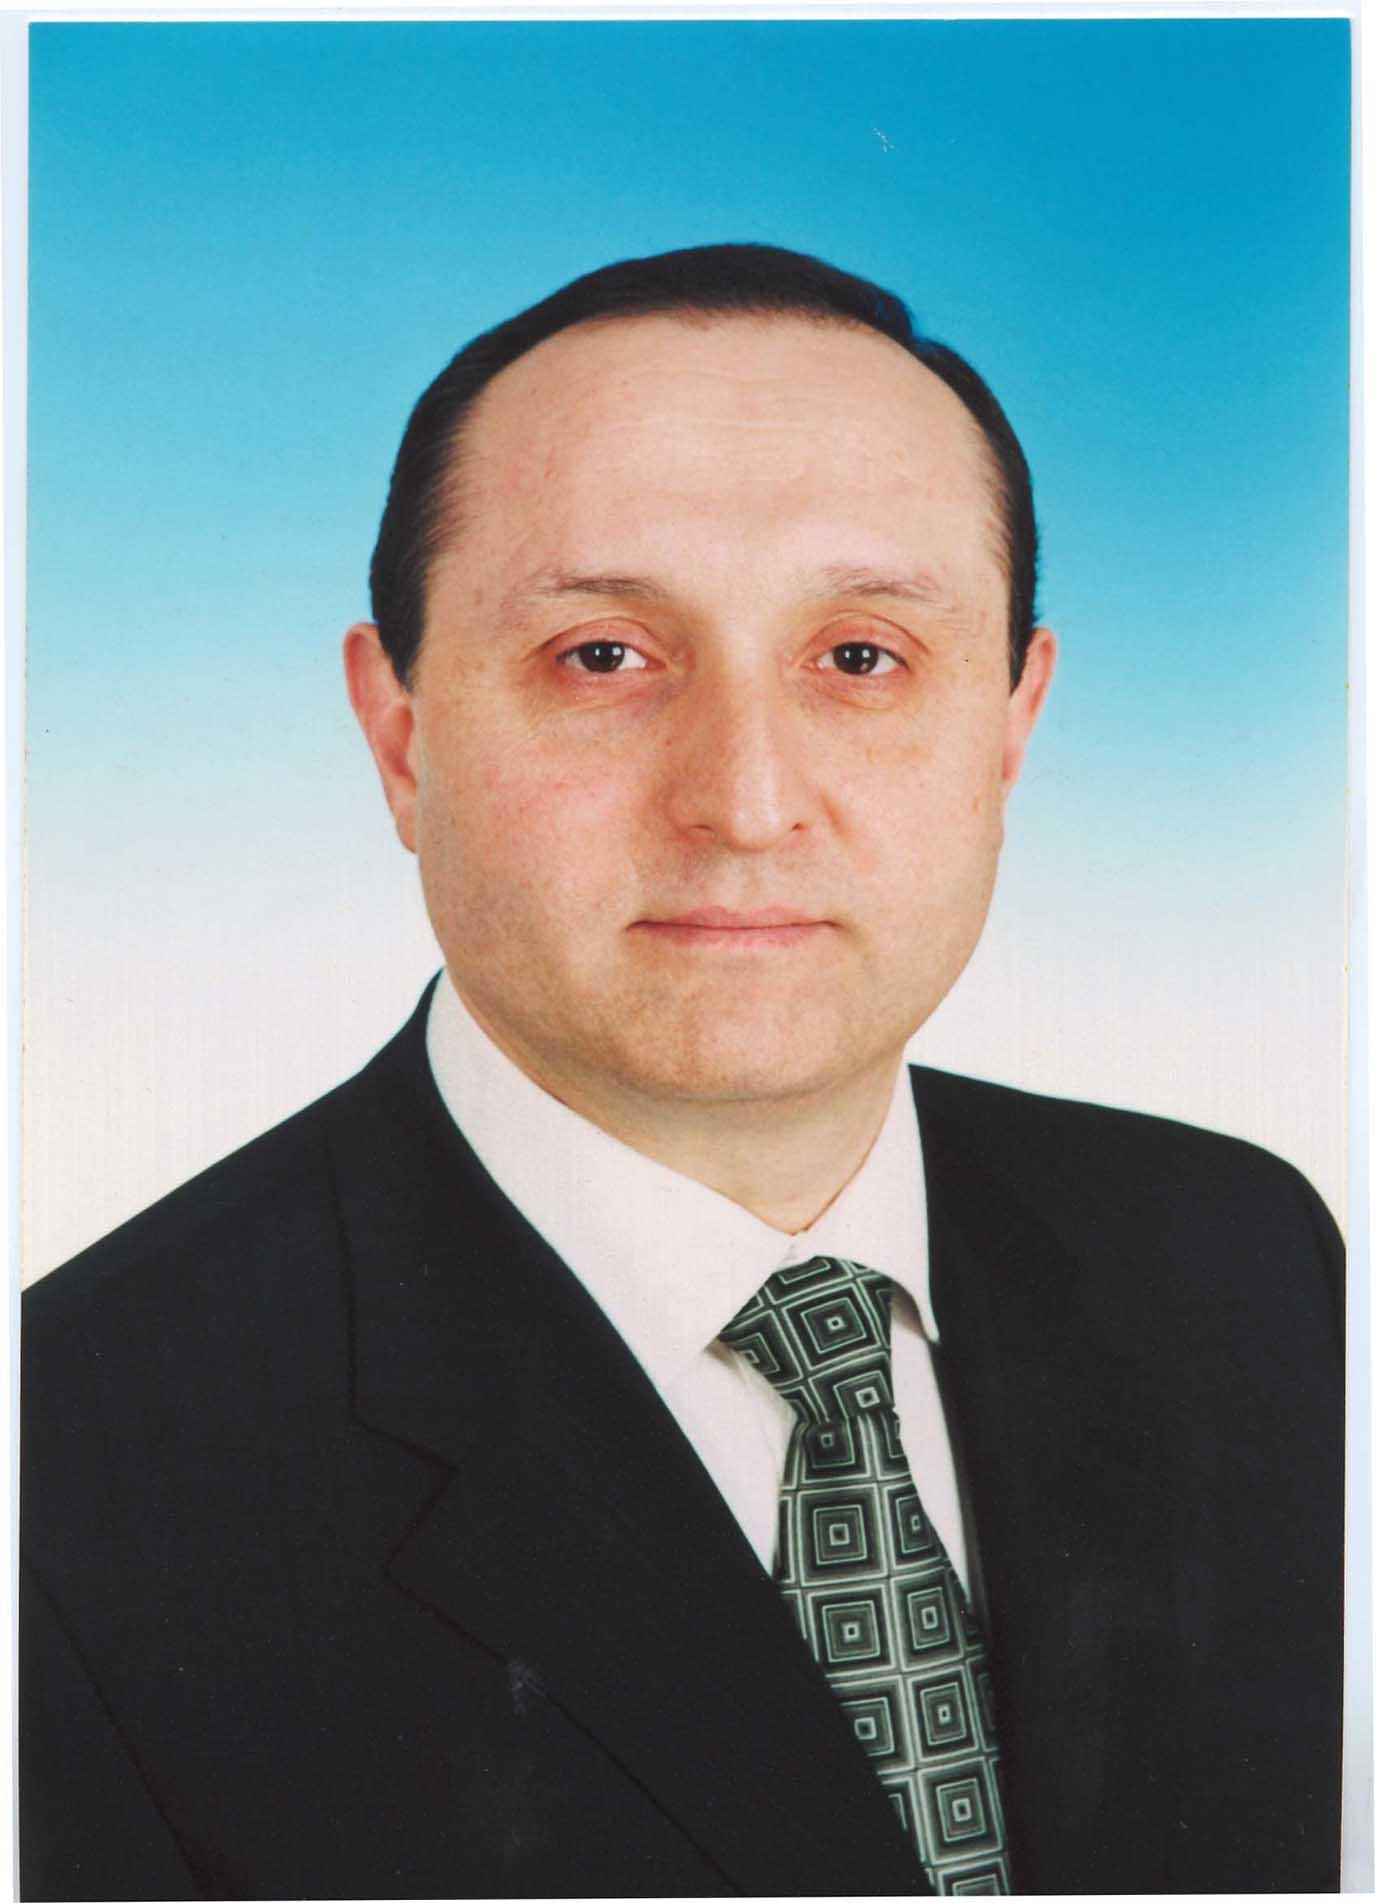 Сайт Контрольно счетной палаты Республики Ингушетия Председатель  Сайт Контрольно счетной палаты Республики Ингушетия Председатель Контрольно счетной палаты Республики Ингушетия